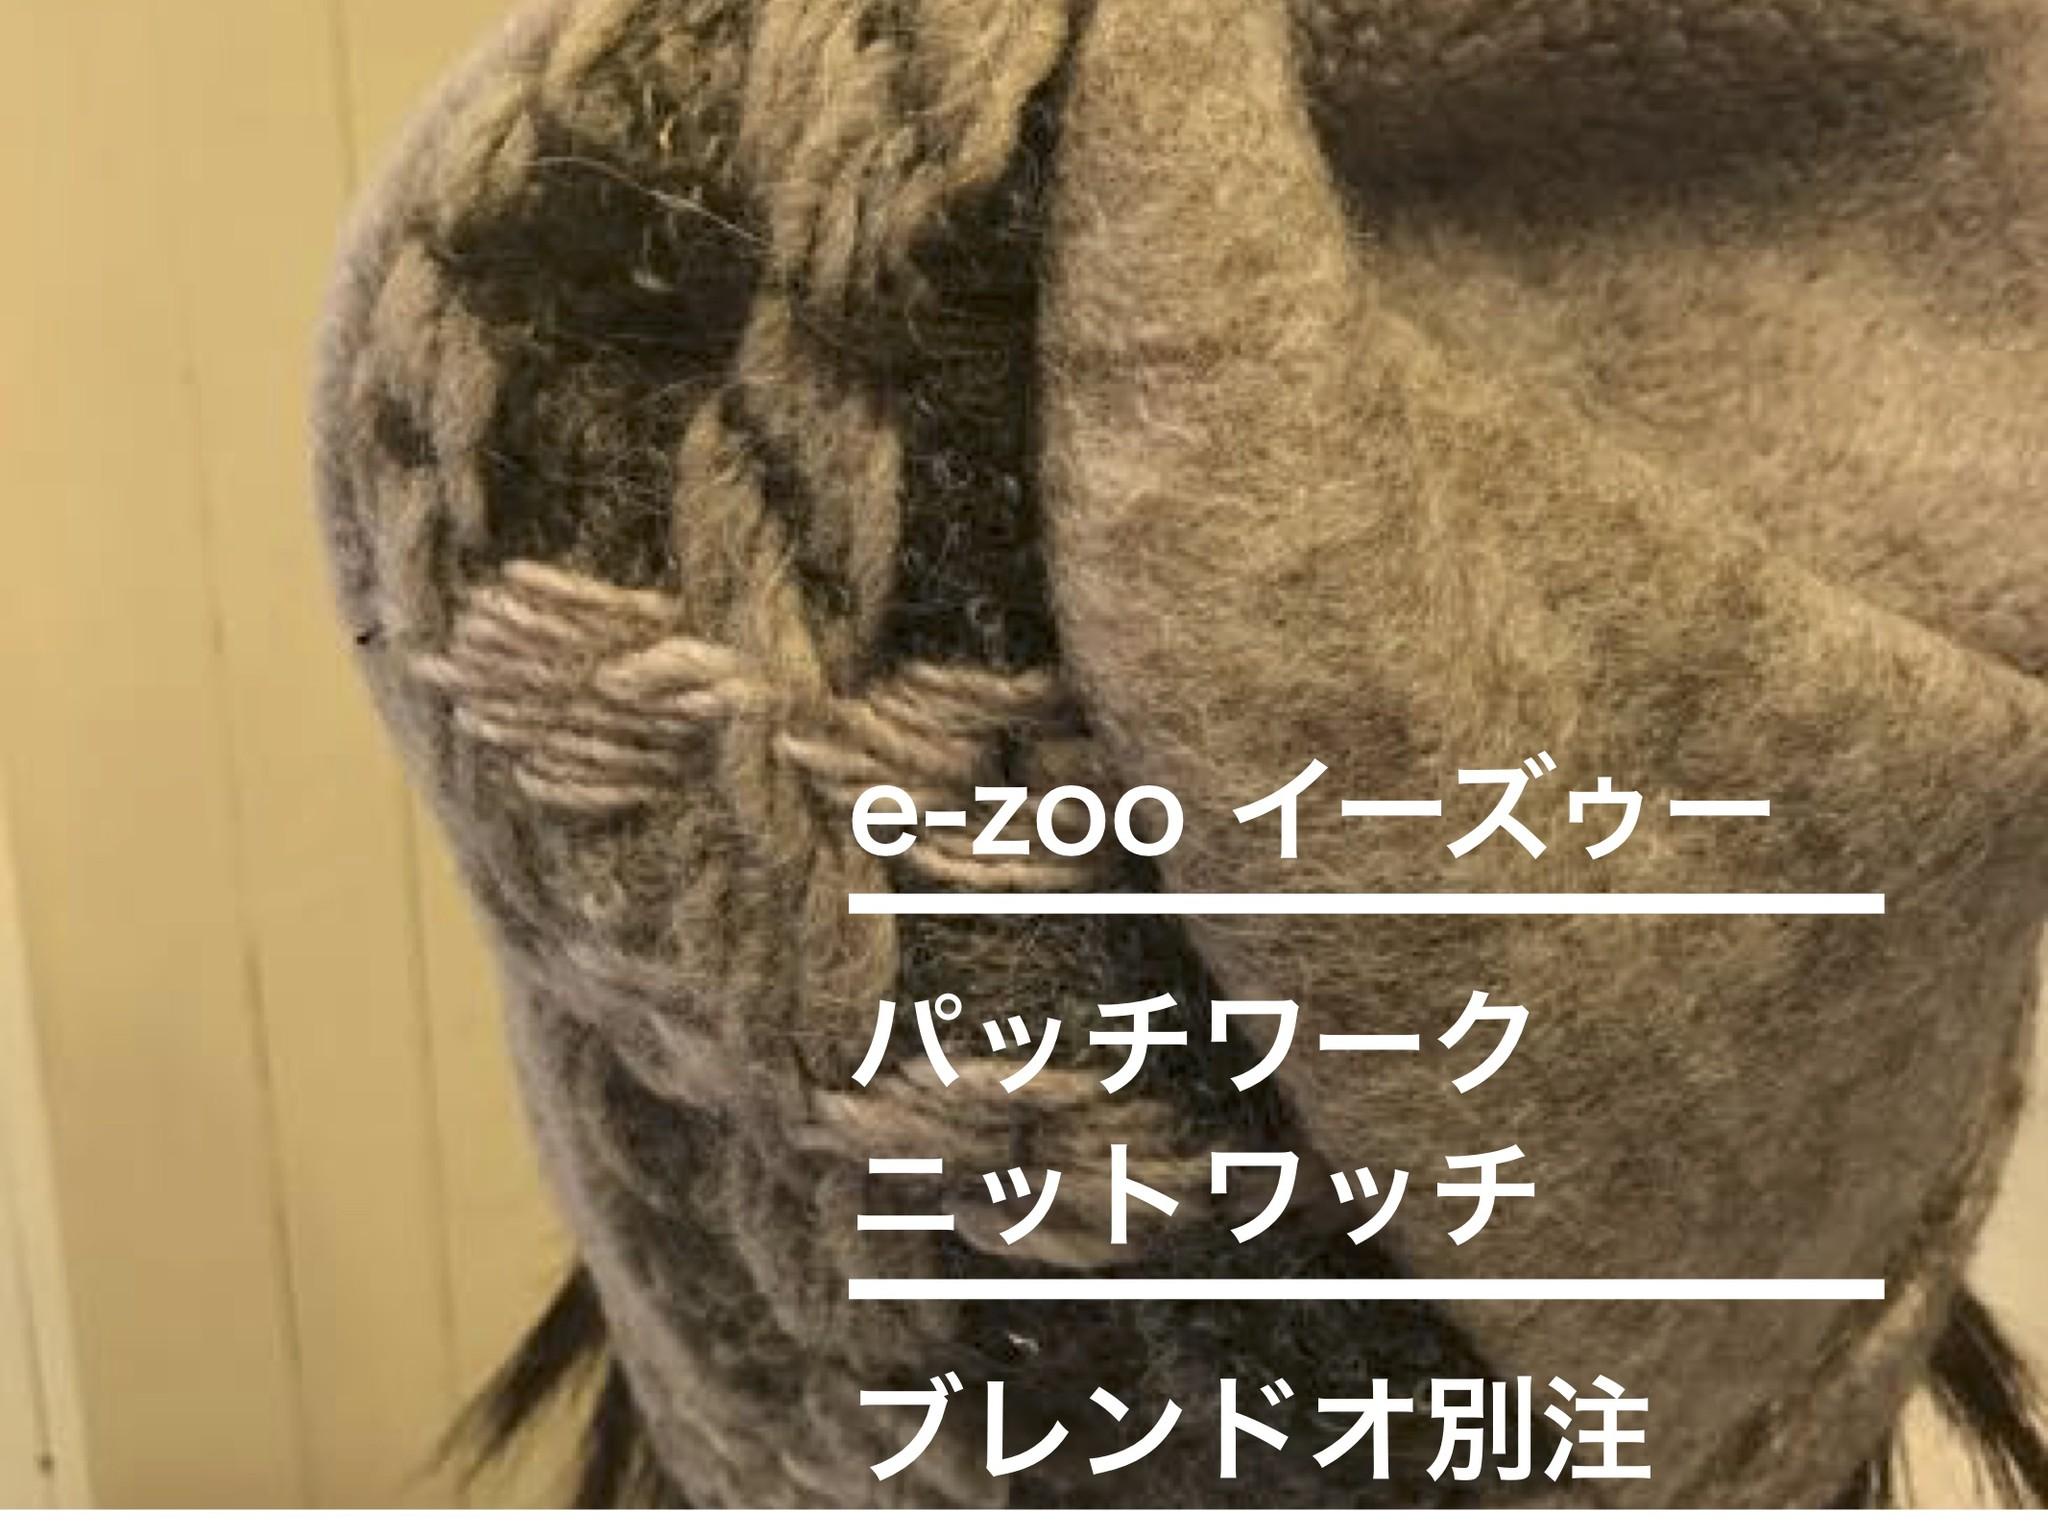 ブレンドオ別注 e-zooのパッチワークニットワッチで冬を乗り切るんだ〜!!